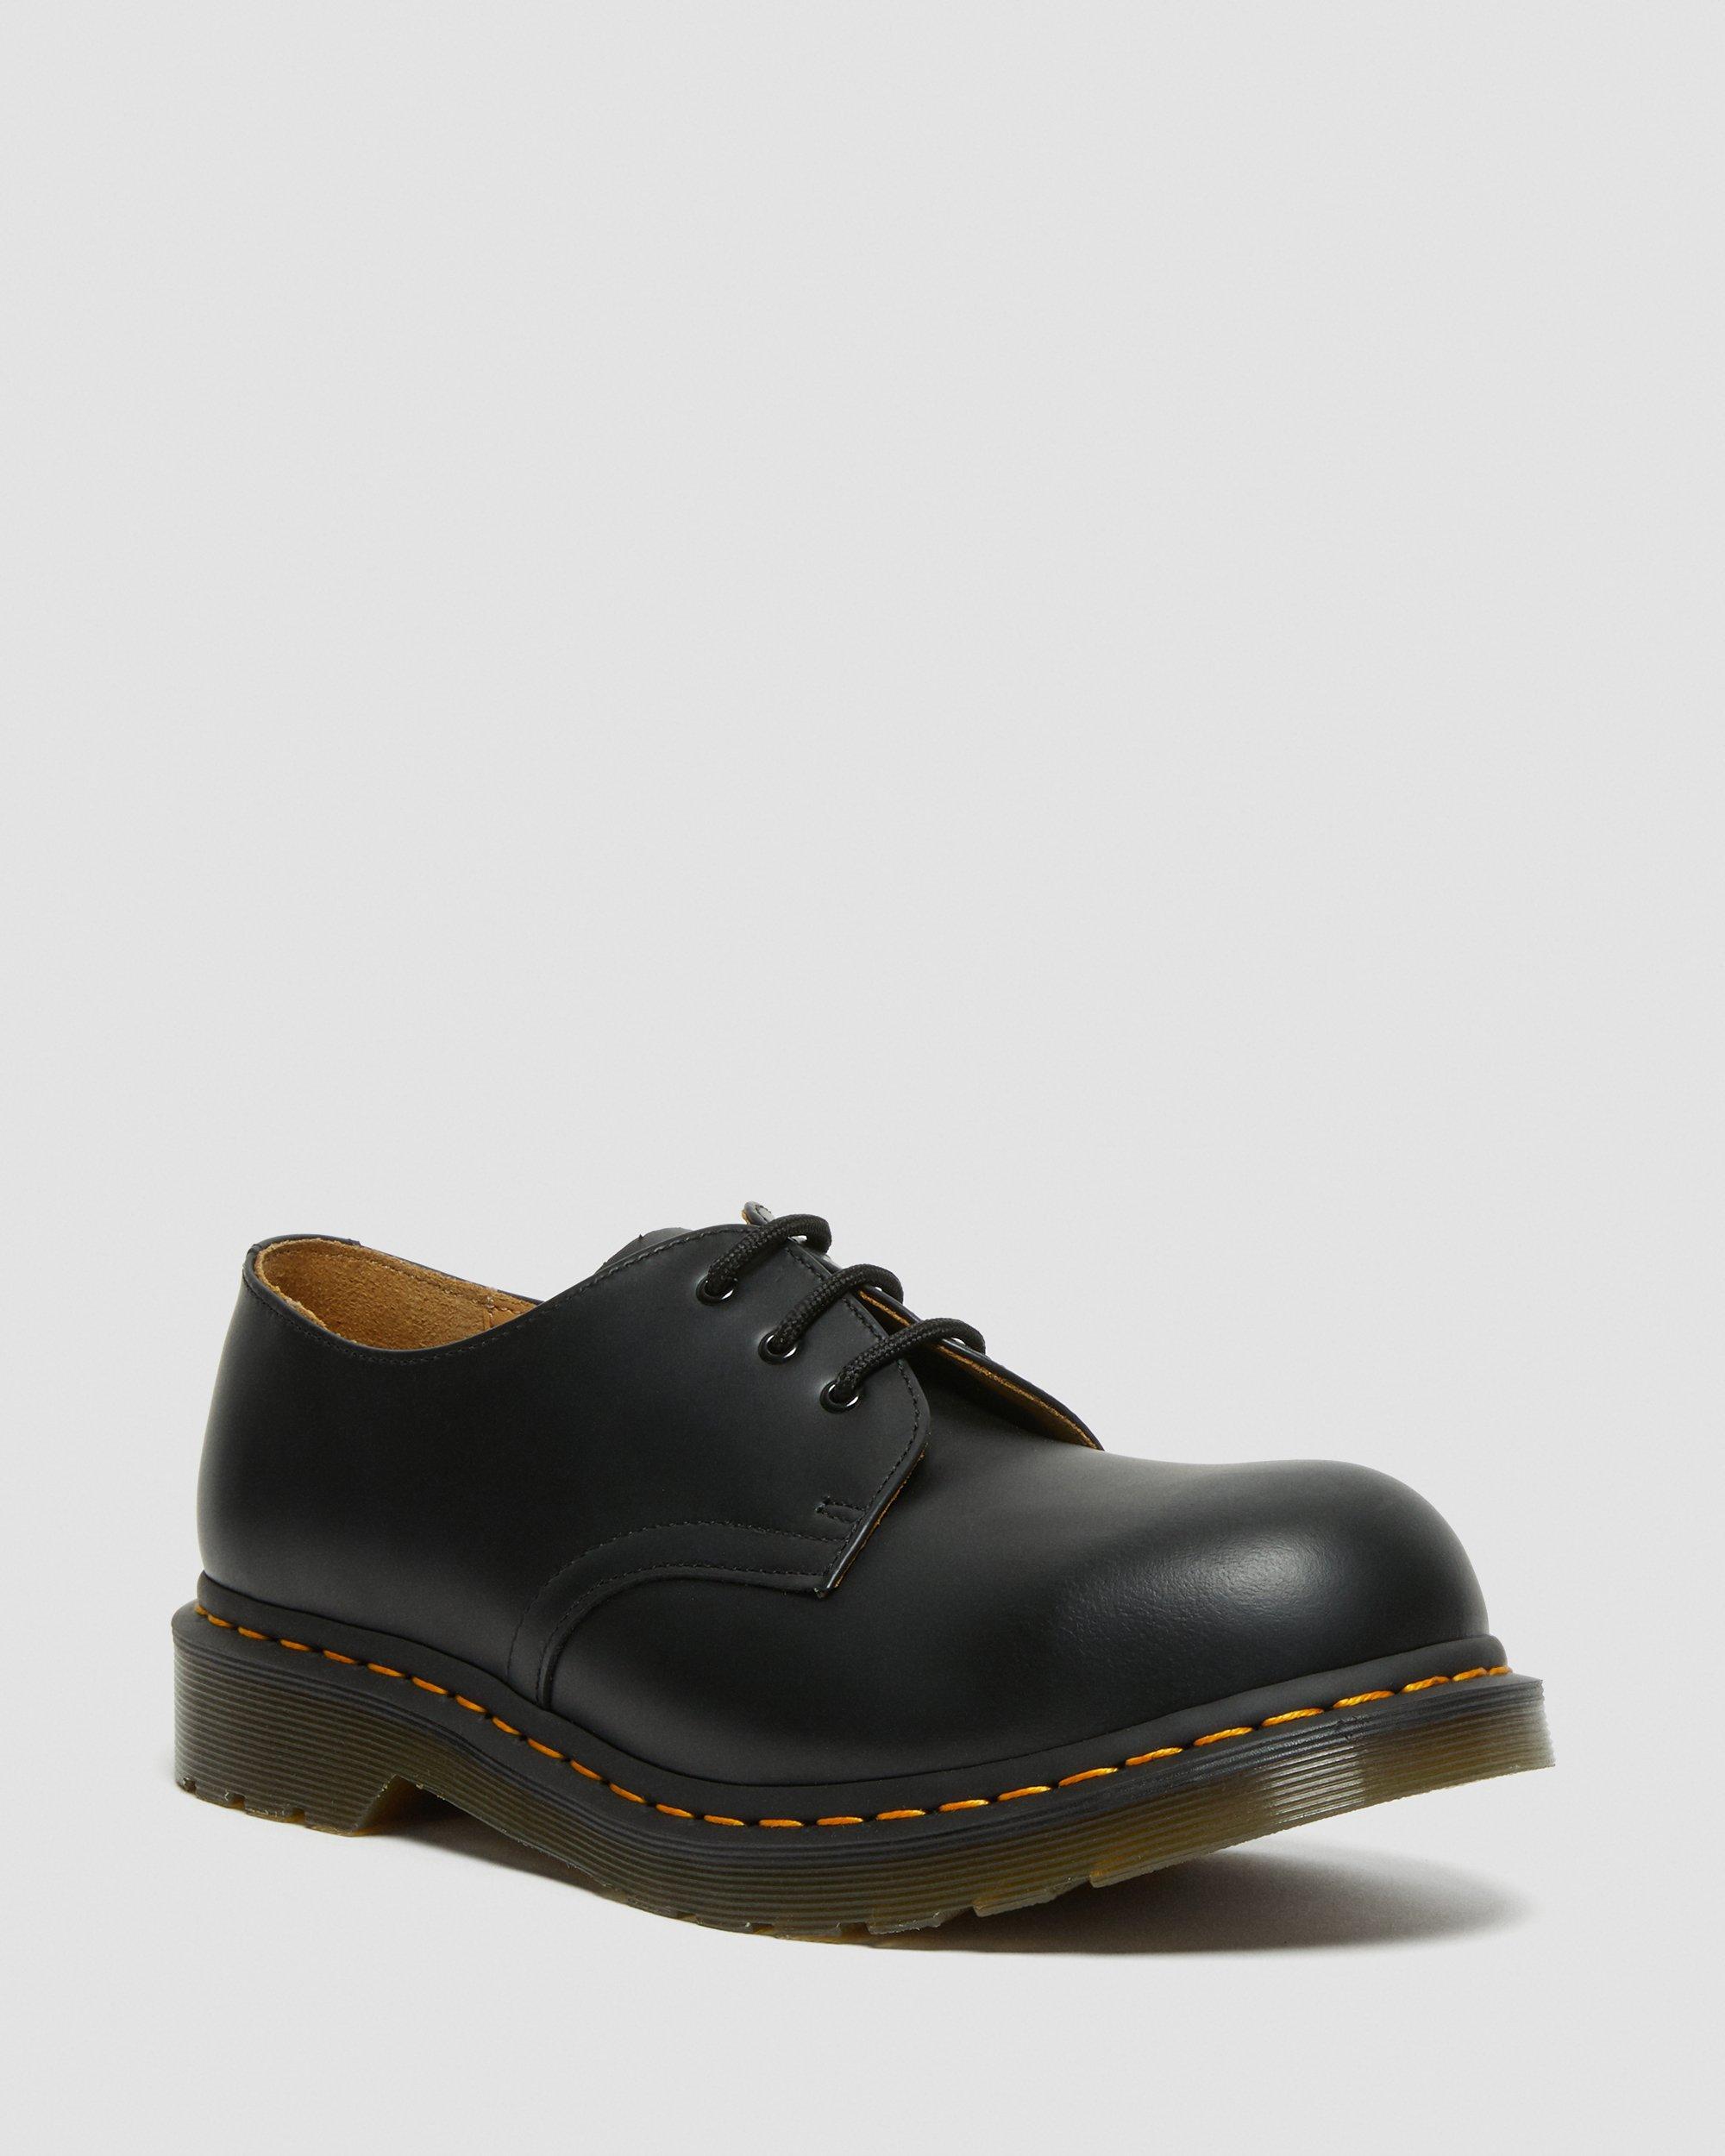 1925 5400   Sale Men's Shoes   Leather